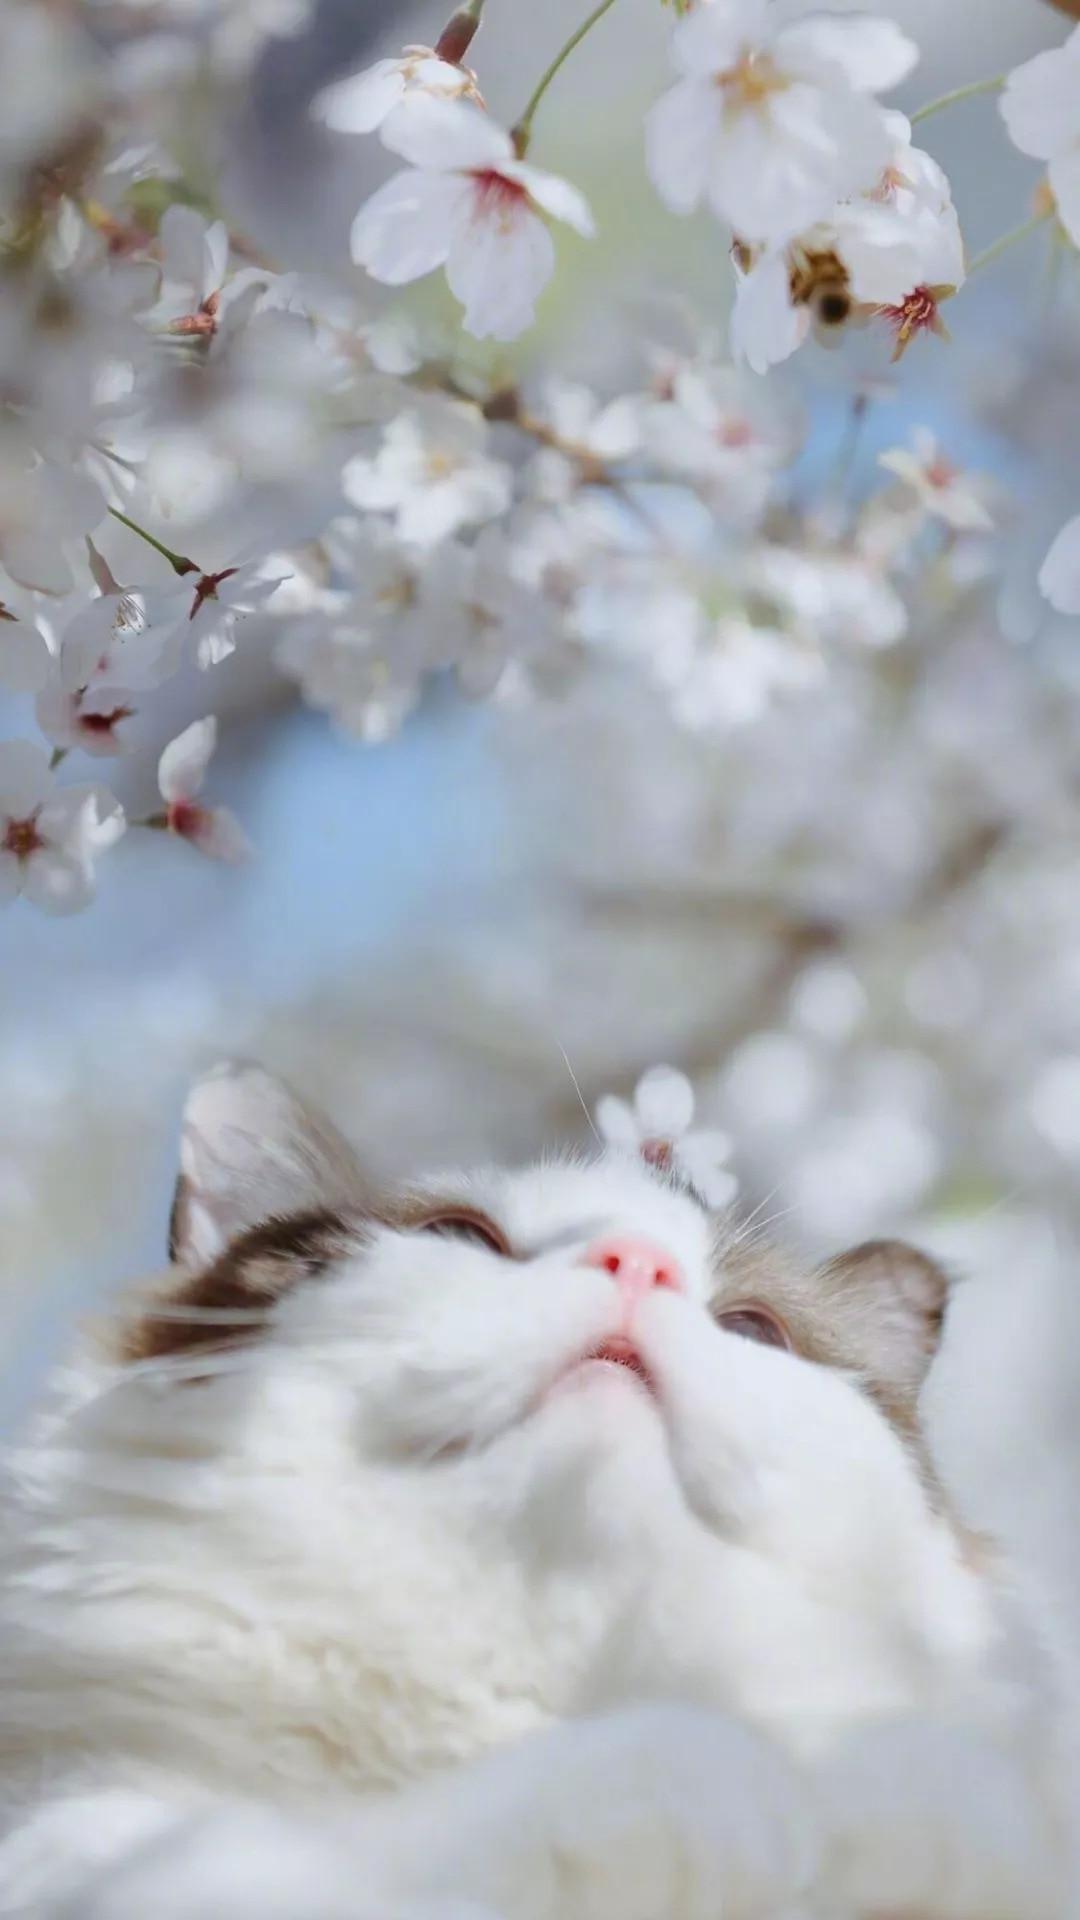 猫片壁纸 :生活不断拍打我们的脸皮,最后不是脸皮厚了,是肿了!插图79